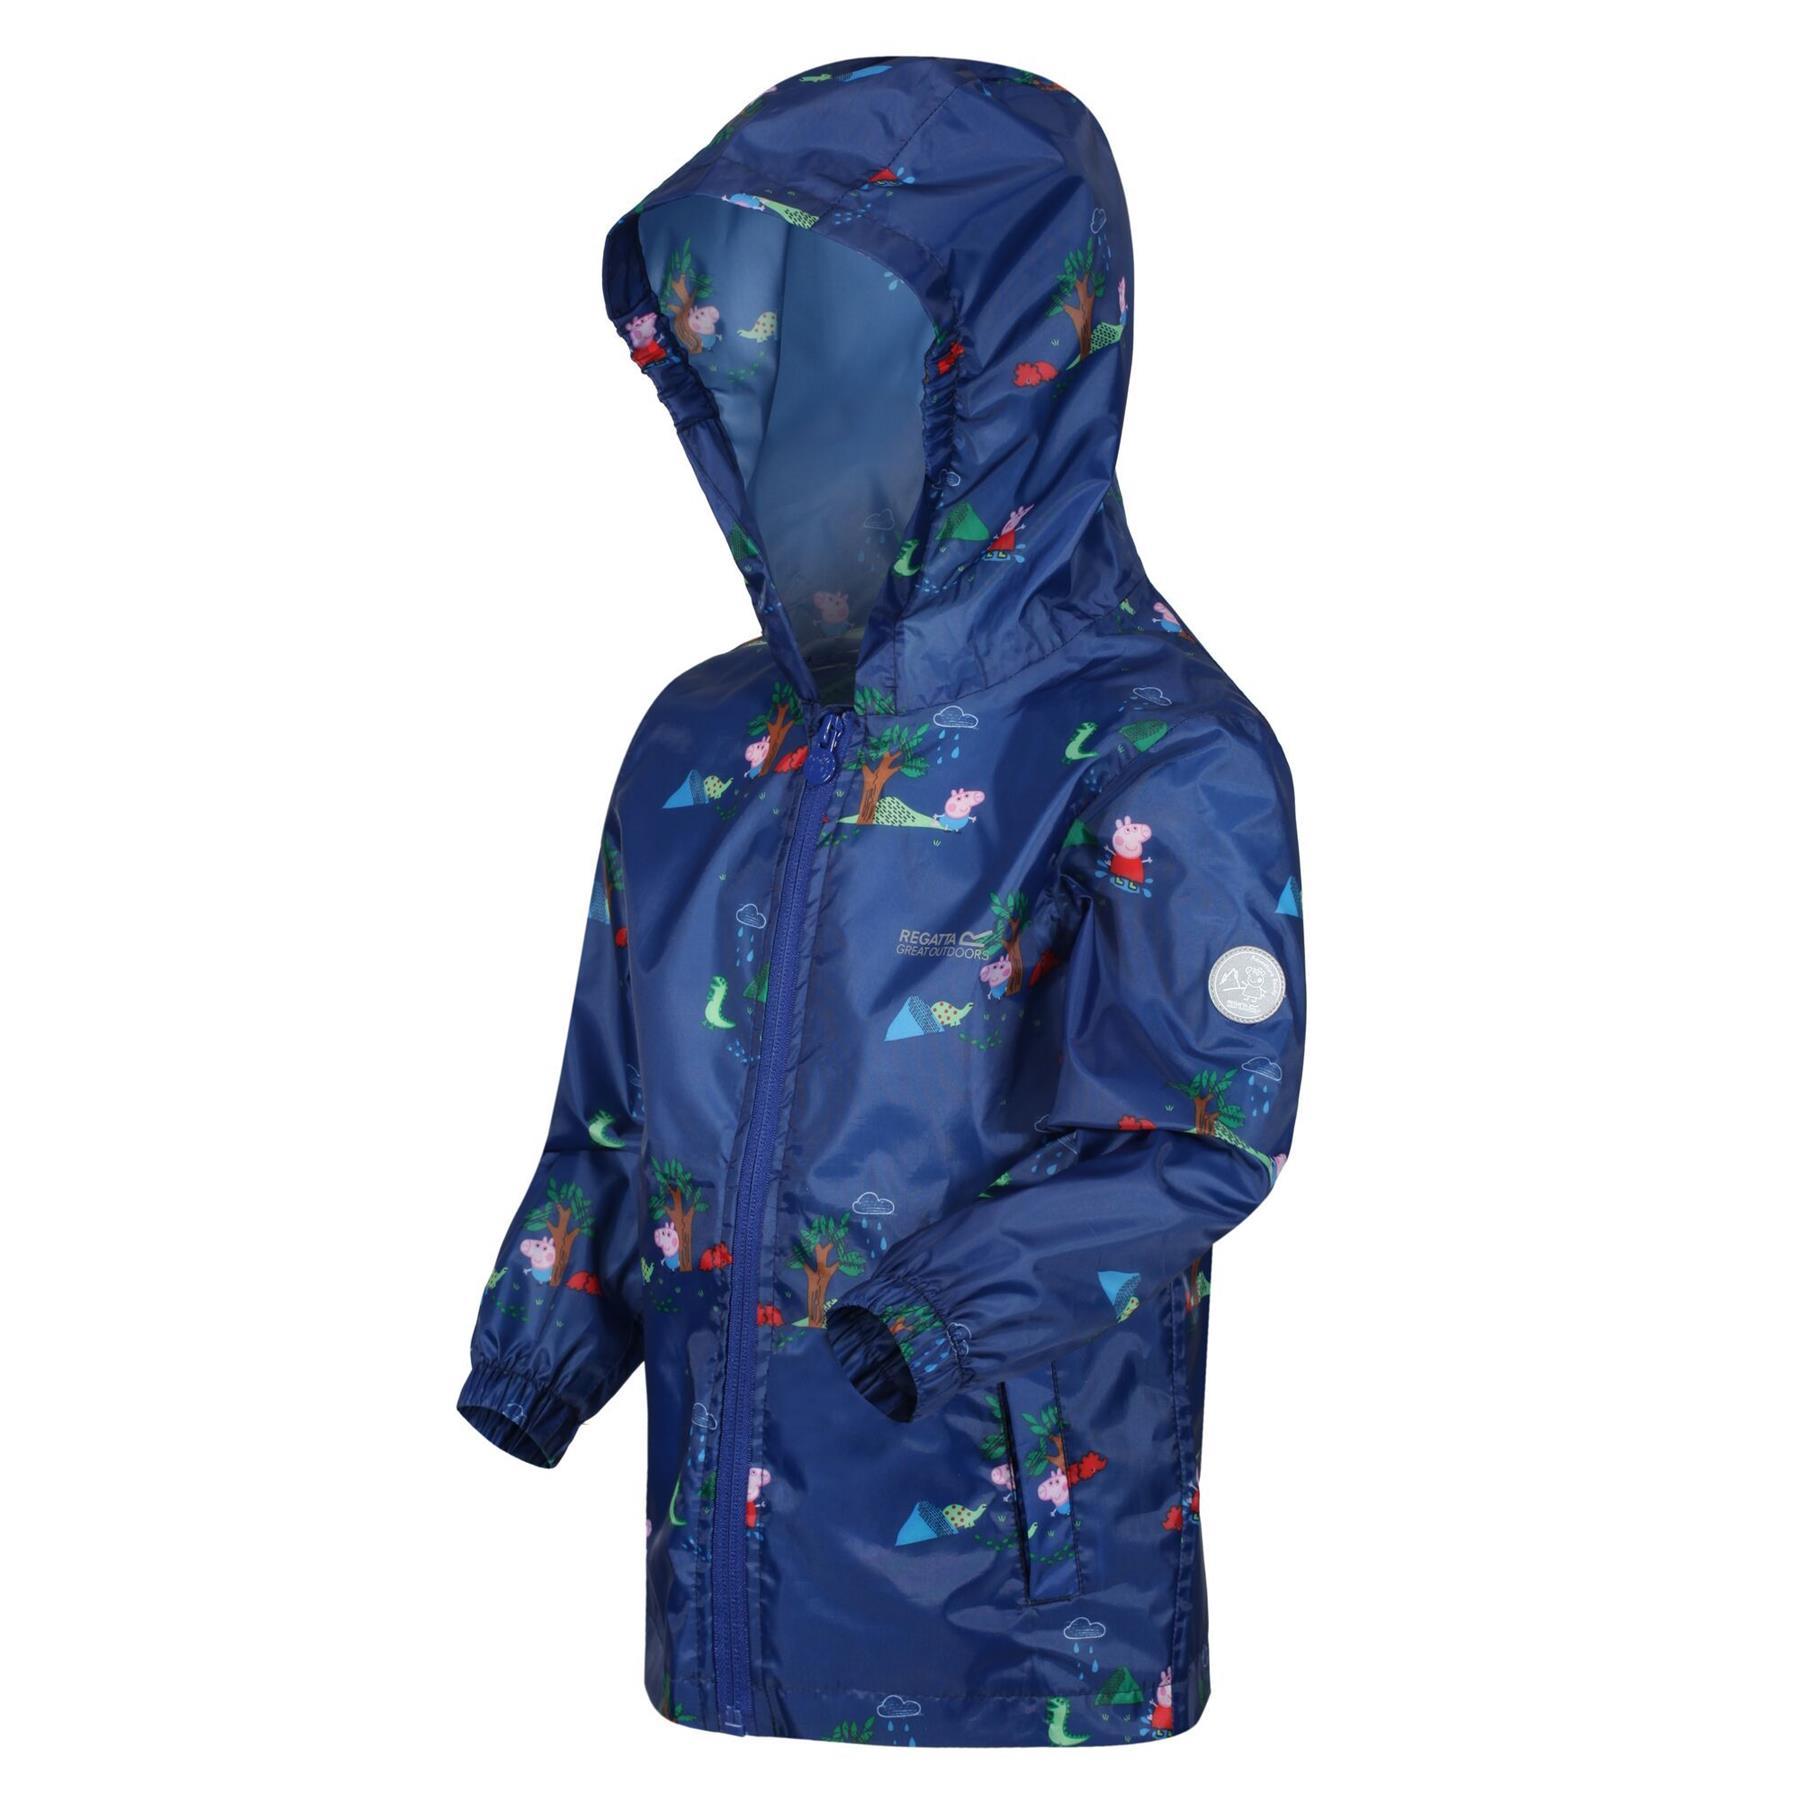 miniatuur 25 - Regatta Kids Pack it Jacket II Lightweight Waterproof Packaway Jacket Boys Girls